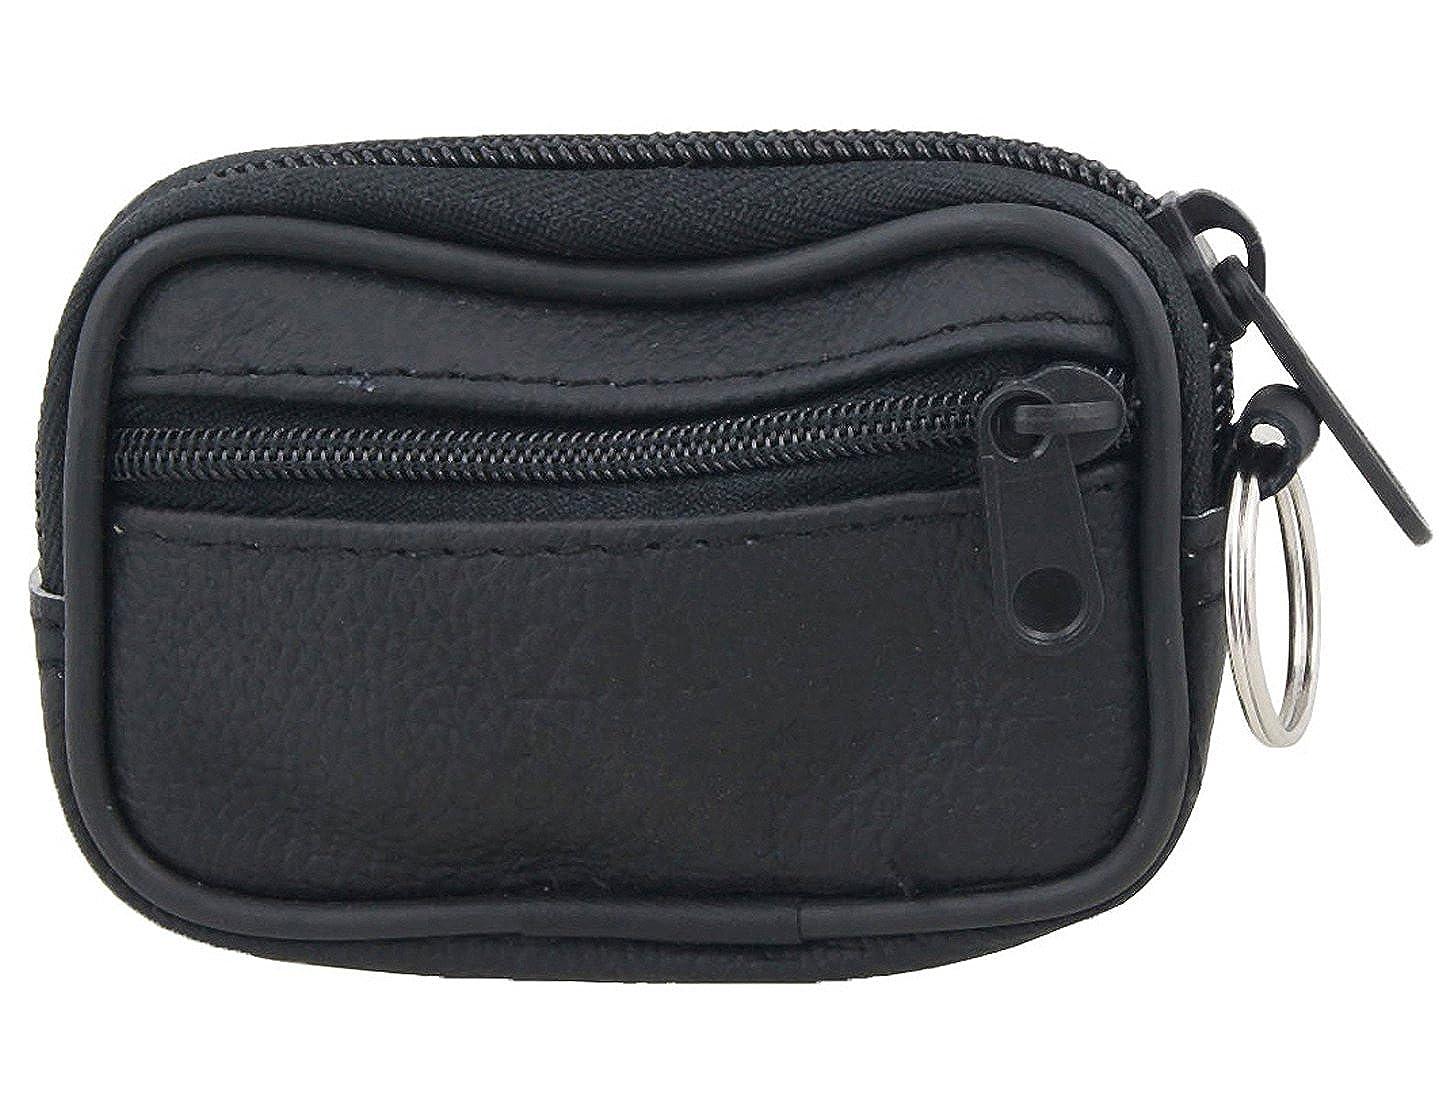 Sourcingmap Faux cuir noir 2 poche-clé Bourse de sac porte-monnaie zippé a10111500ux0037